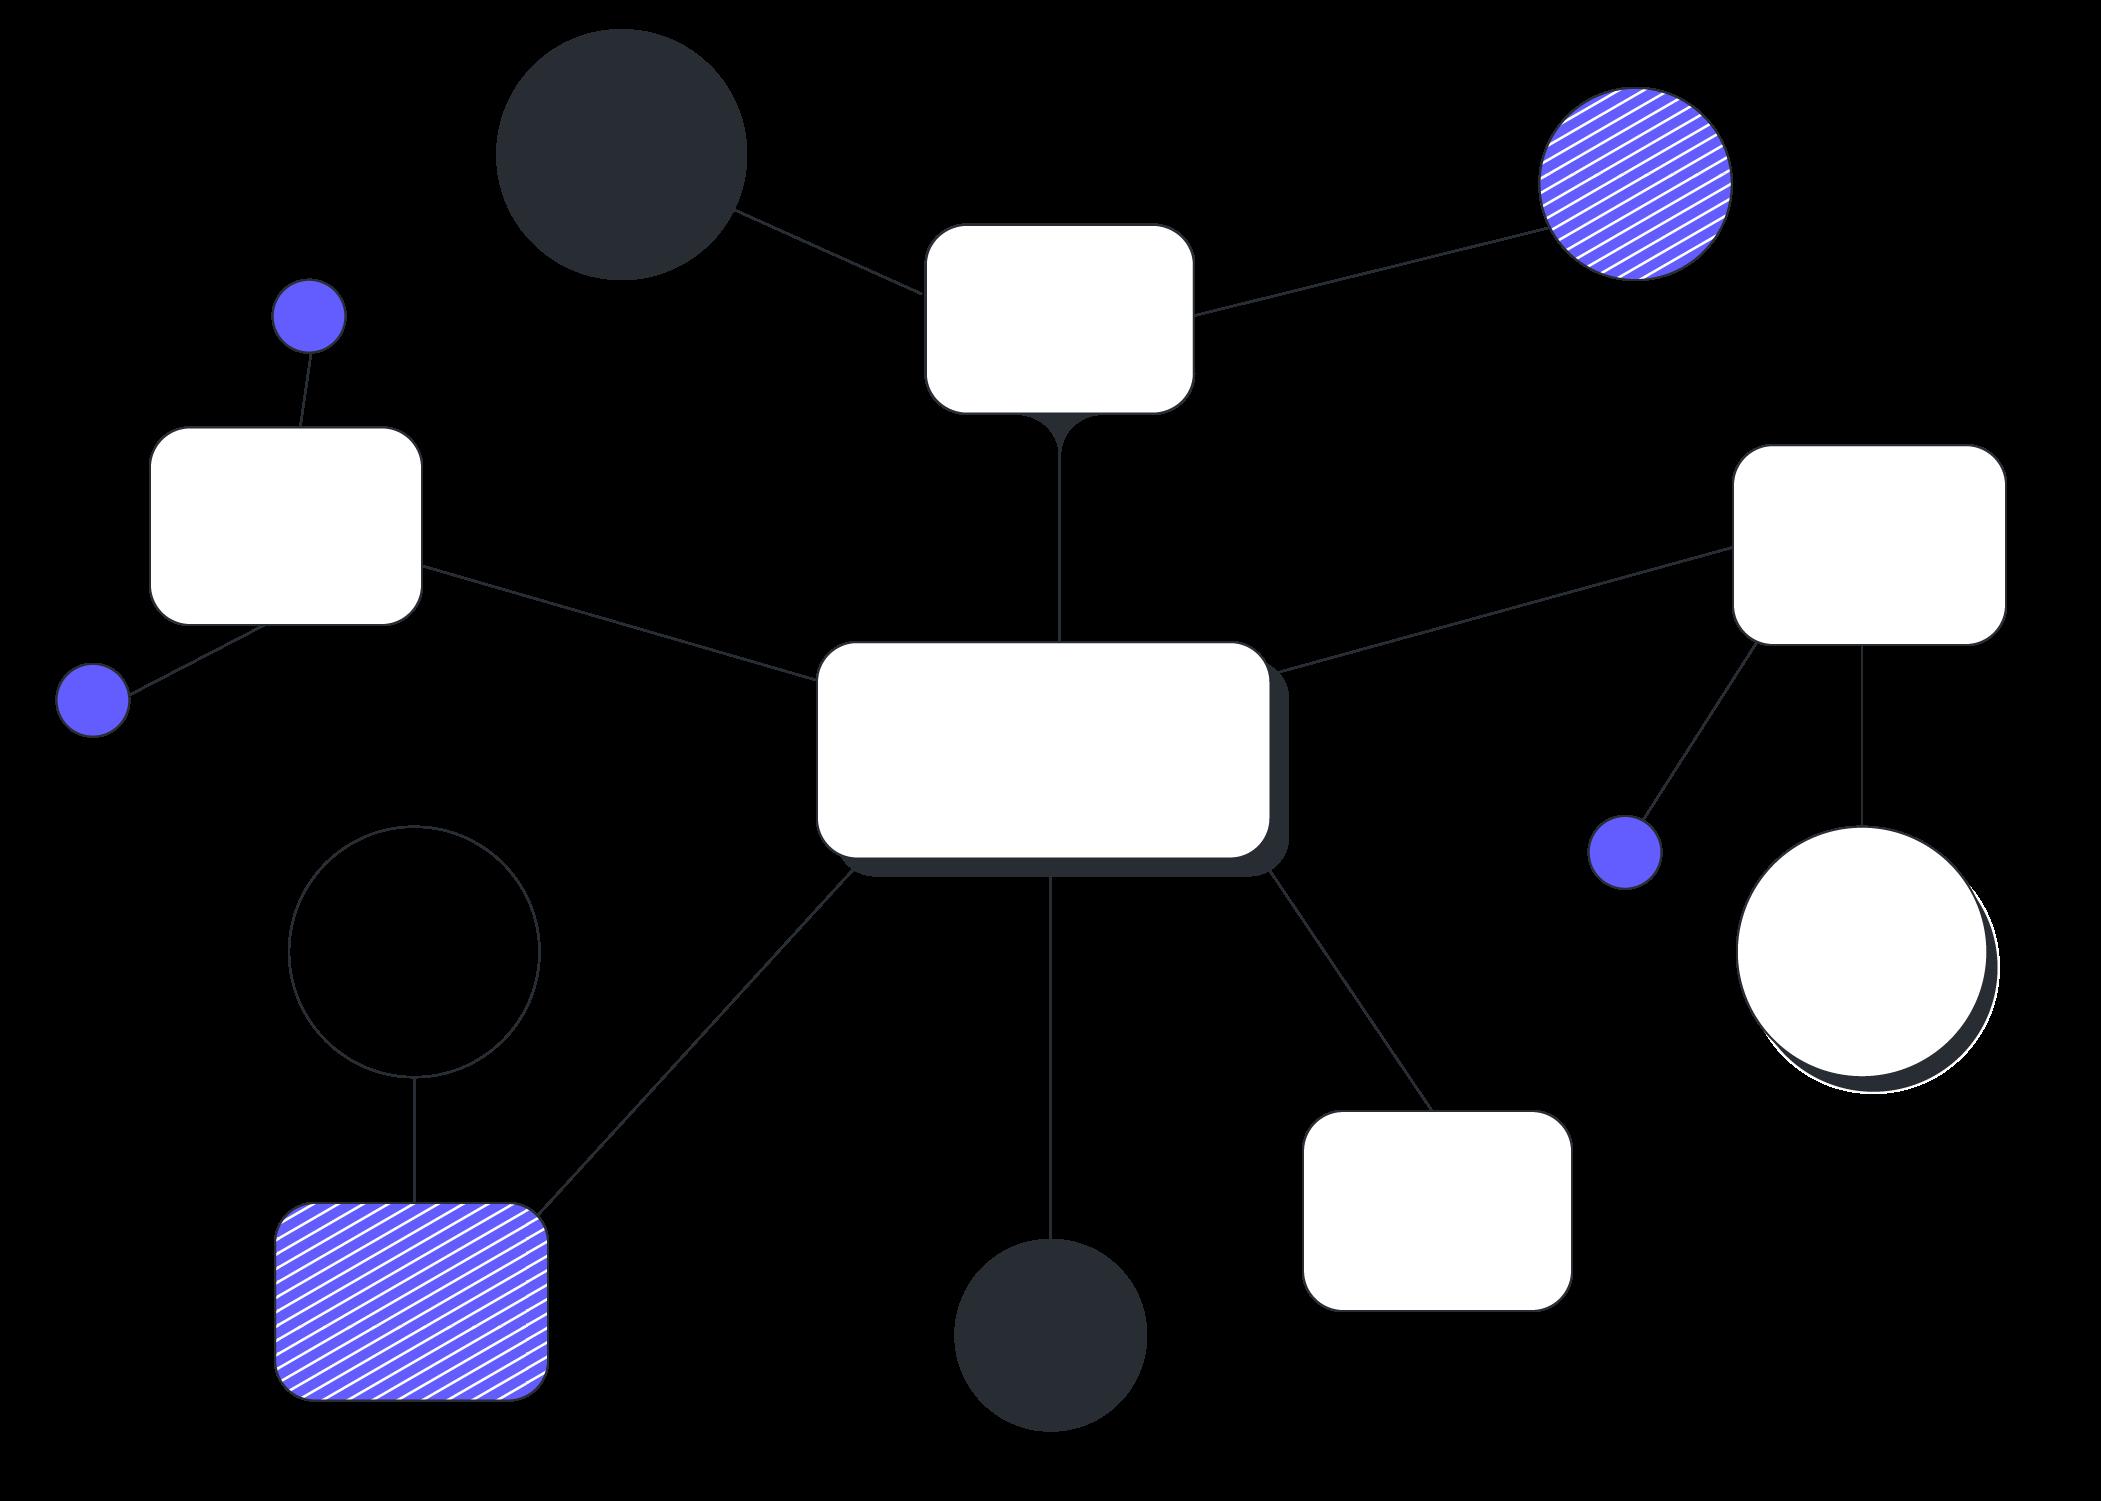 Conceptmapbouwer Lucidchart